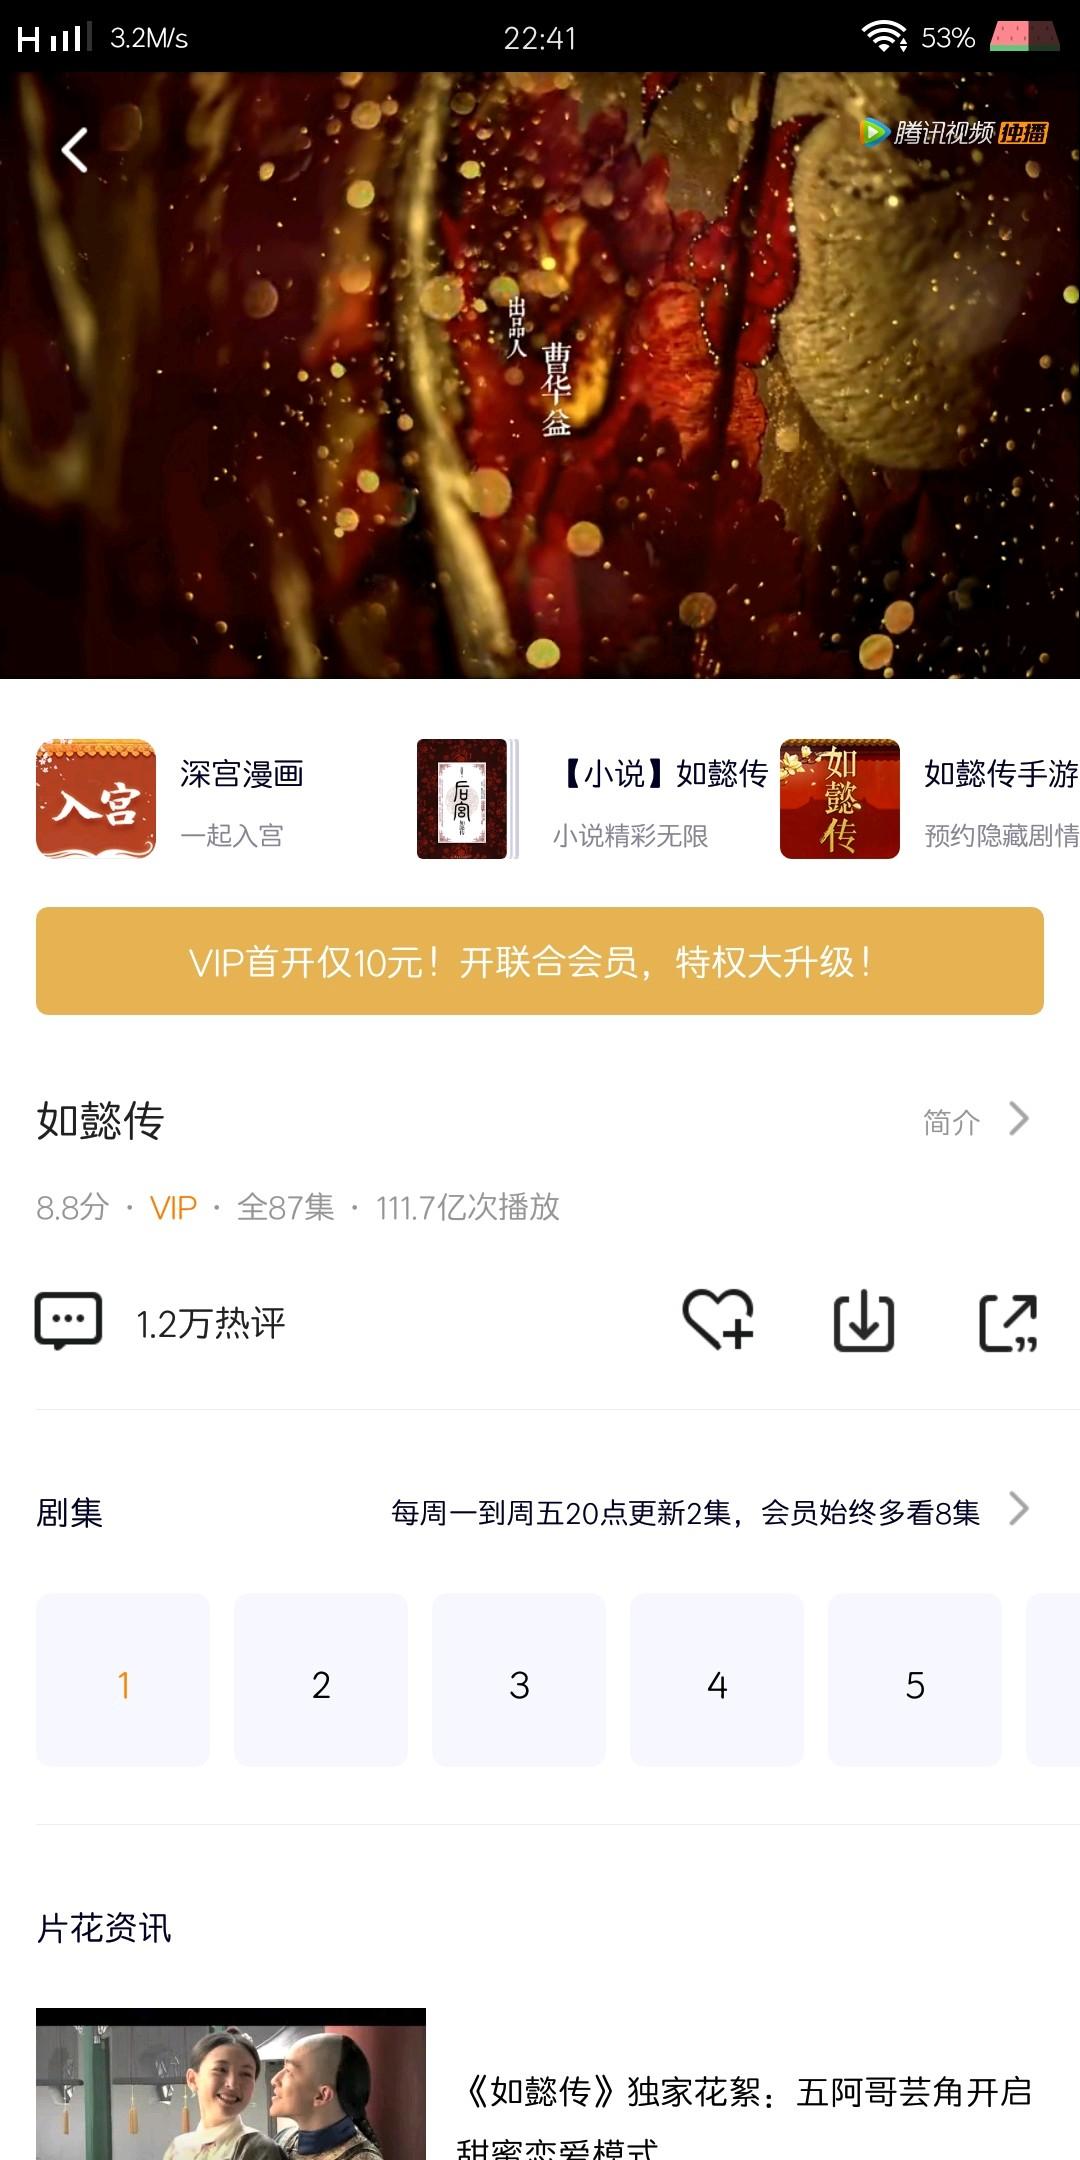 Screenshot_20181003_224131.jpg